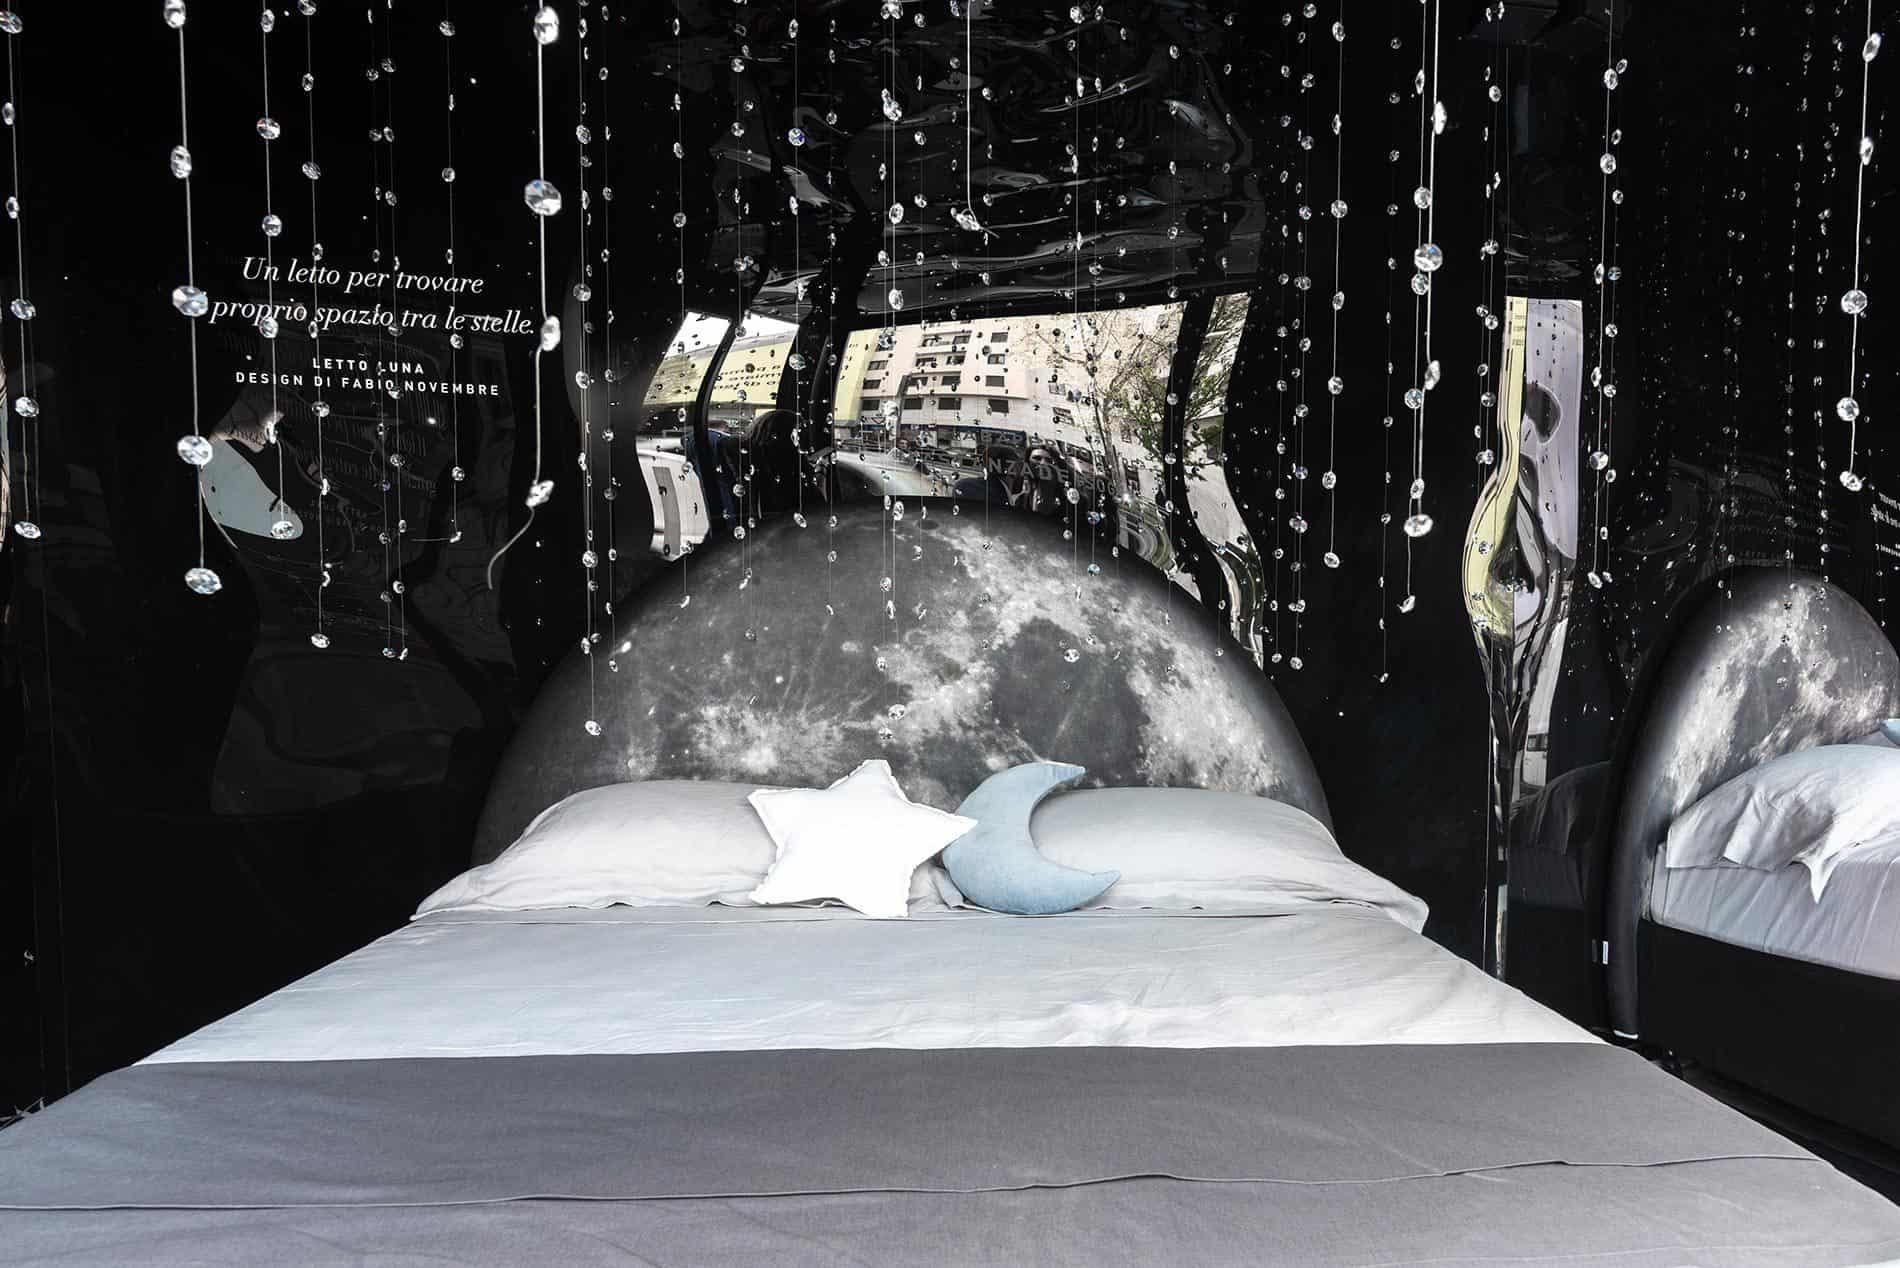 letti di design economici per dormire luna